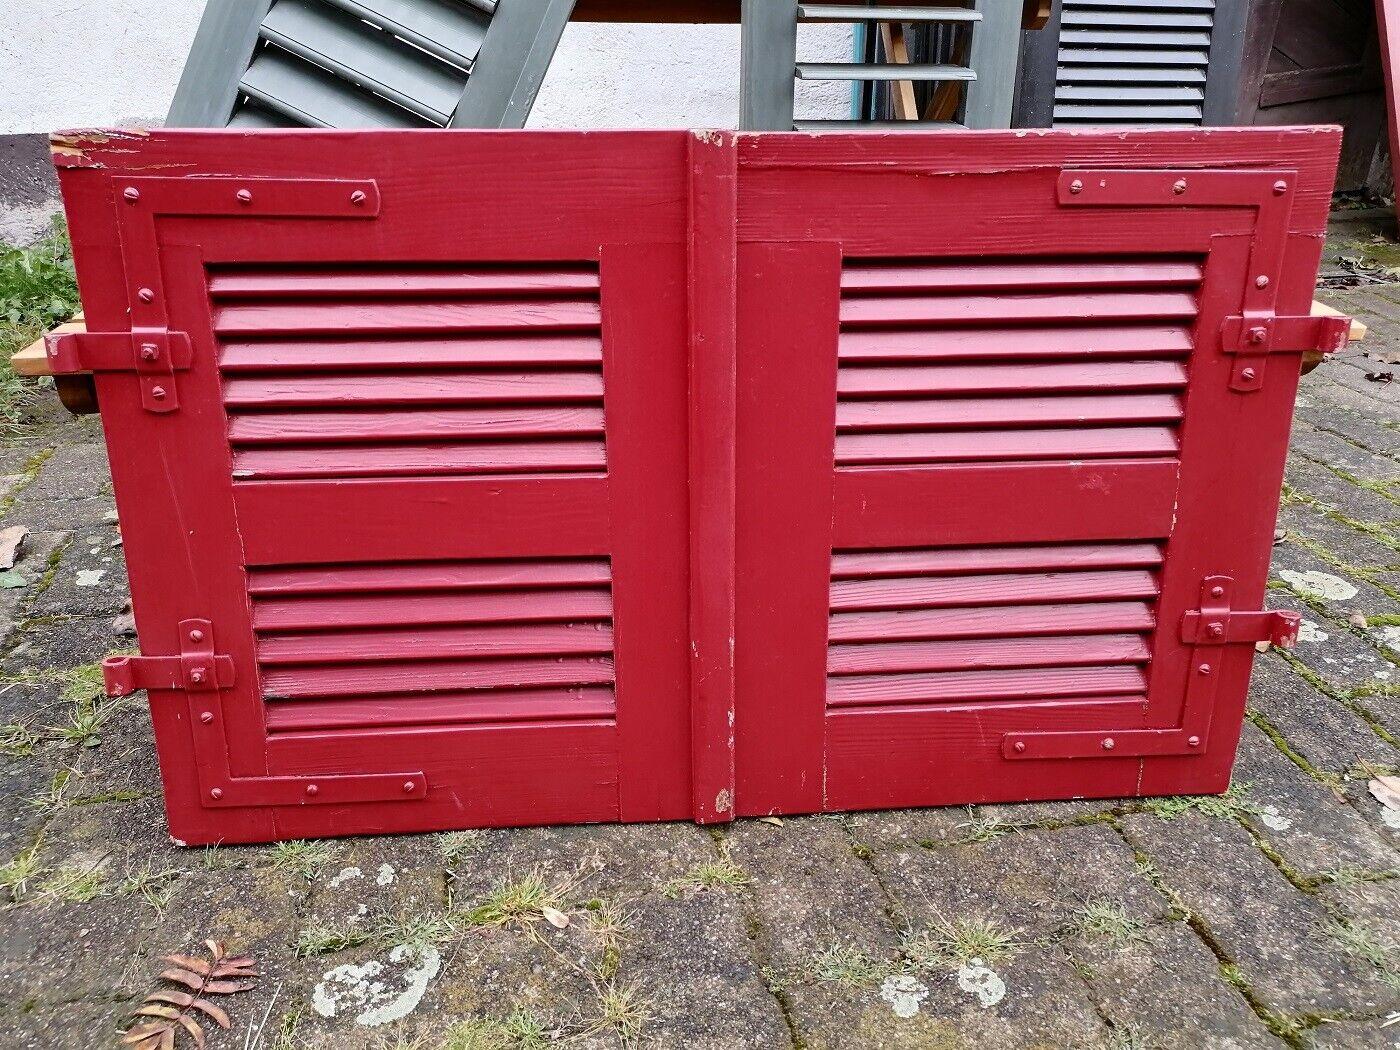 1 Paar Fensterladen - Holz - gebraucht - Höhe 63 cm, Breite 51,5 cm